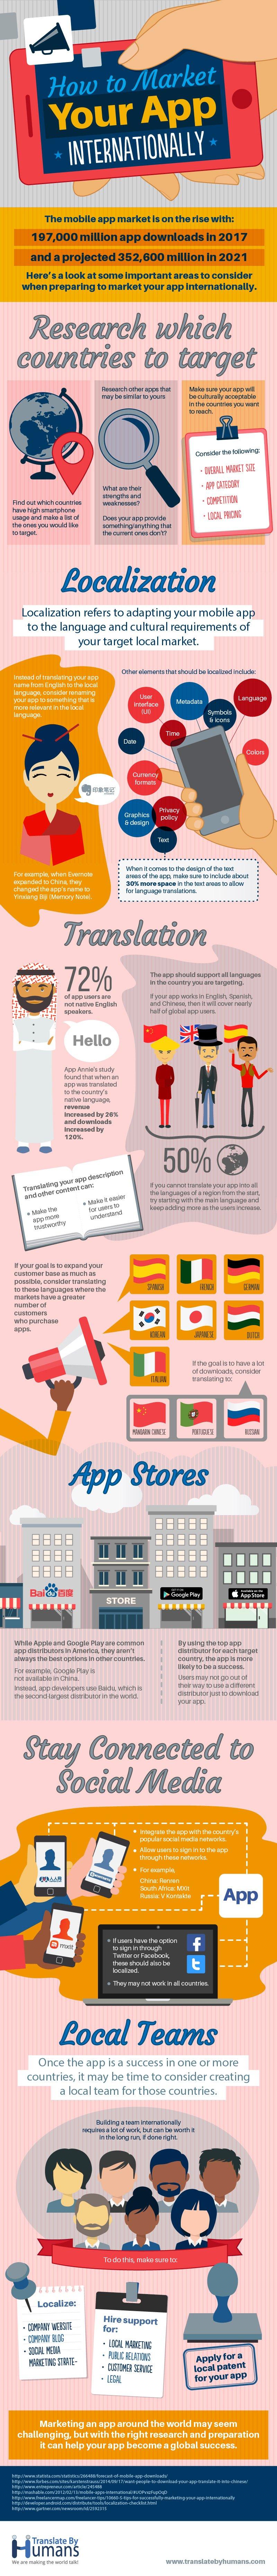 Infografía: Cómo expandir tu app internacionalmente